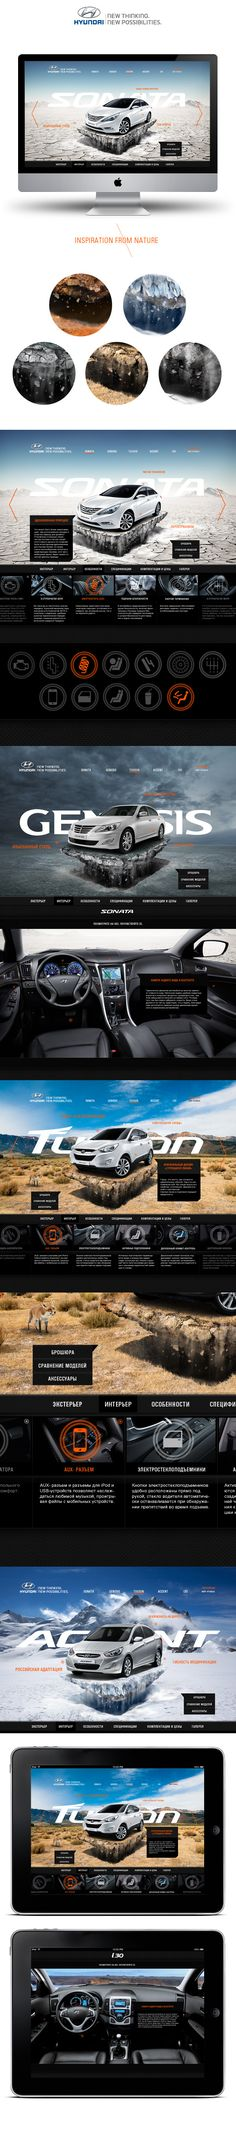 Hyundai on Web Design Served